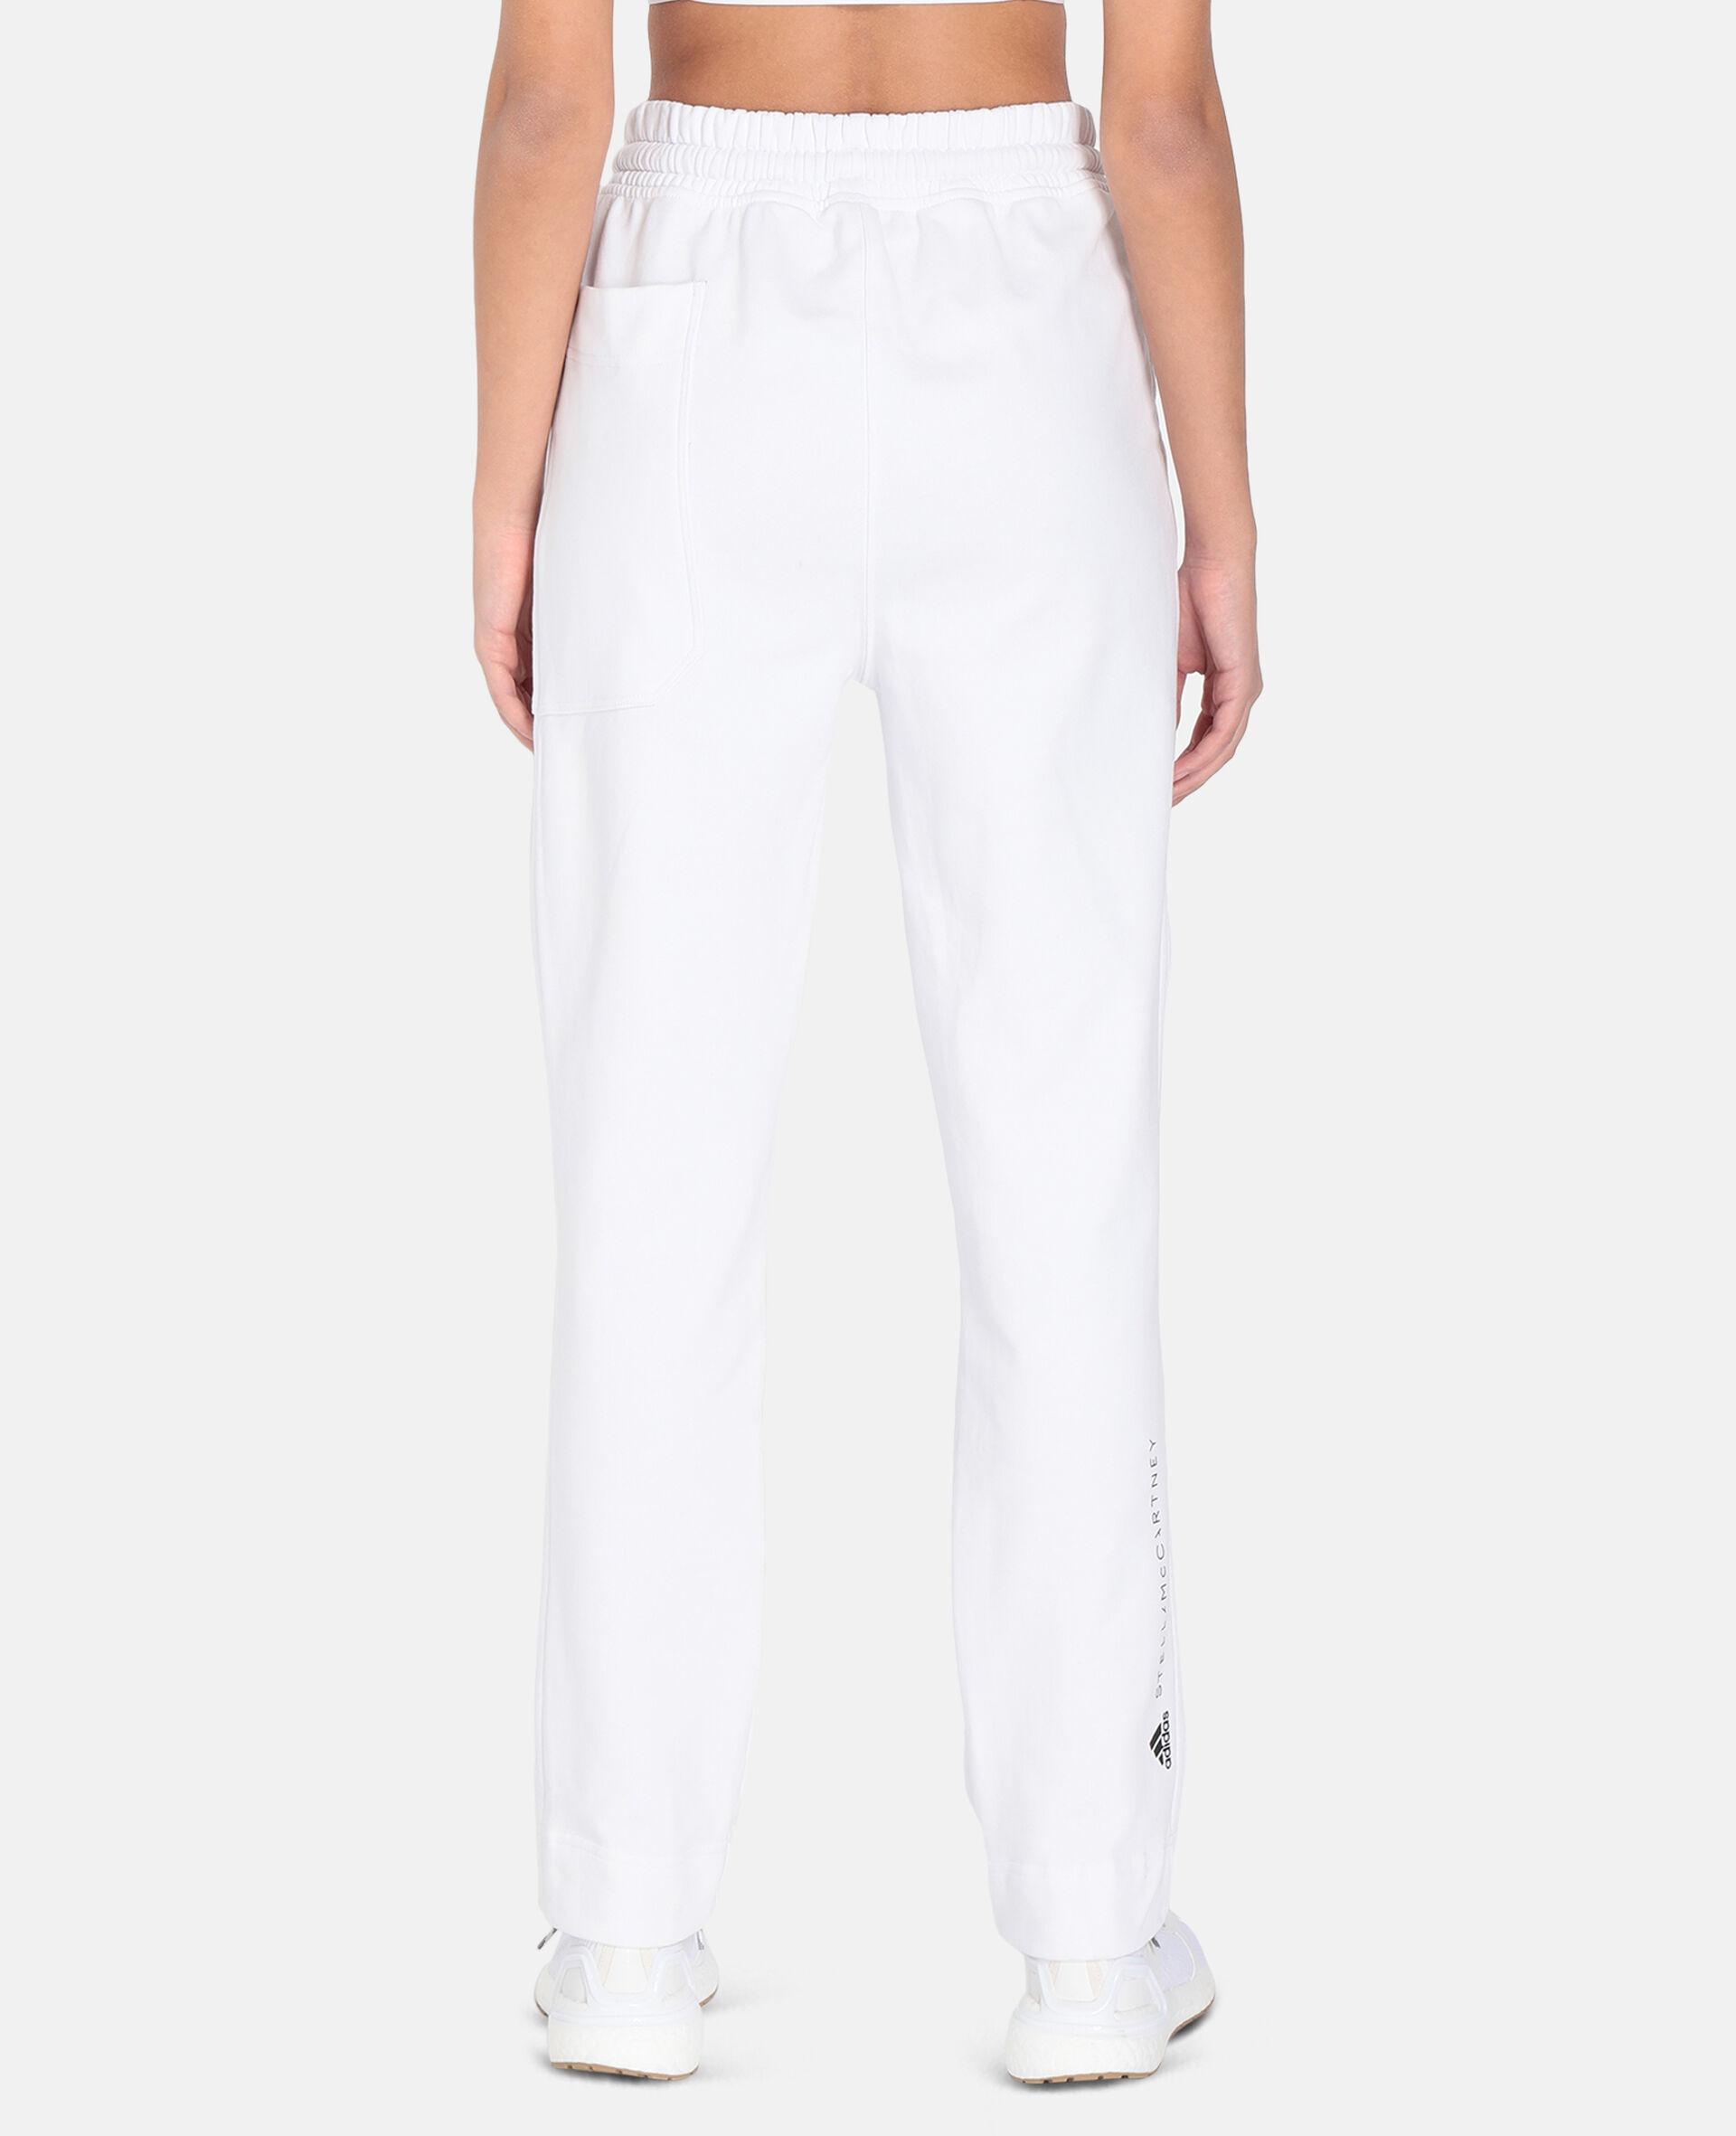 White Training Sweatpants -White-large image number 2